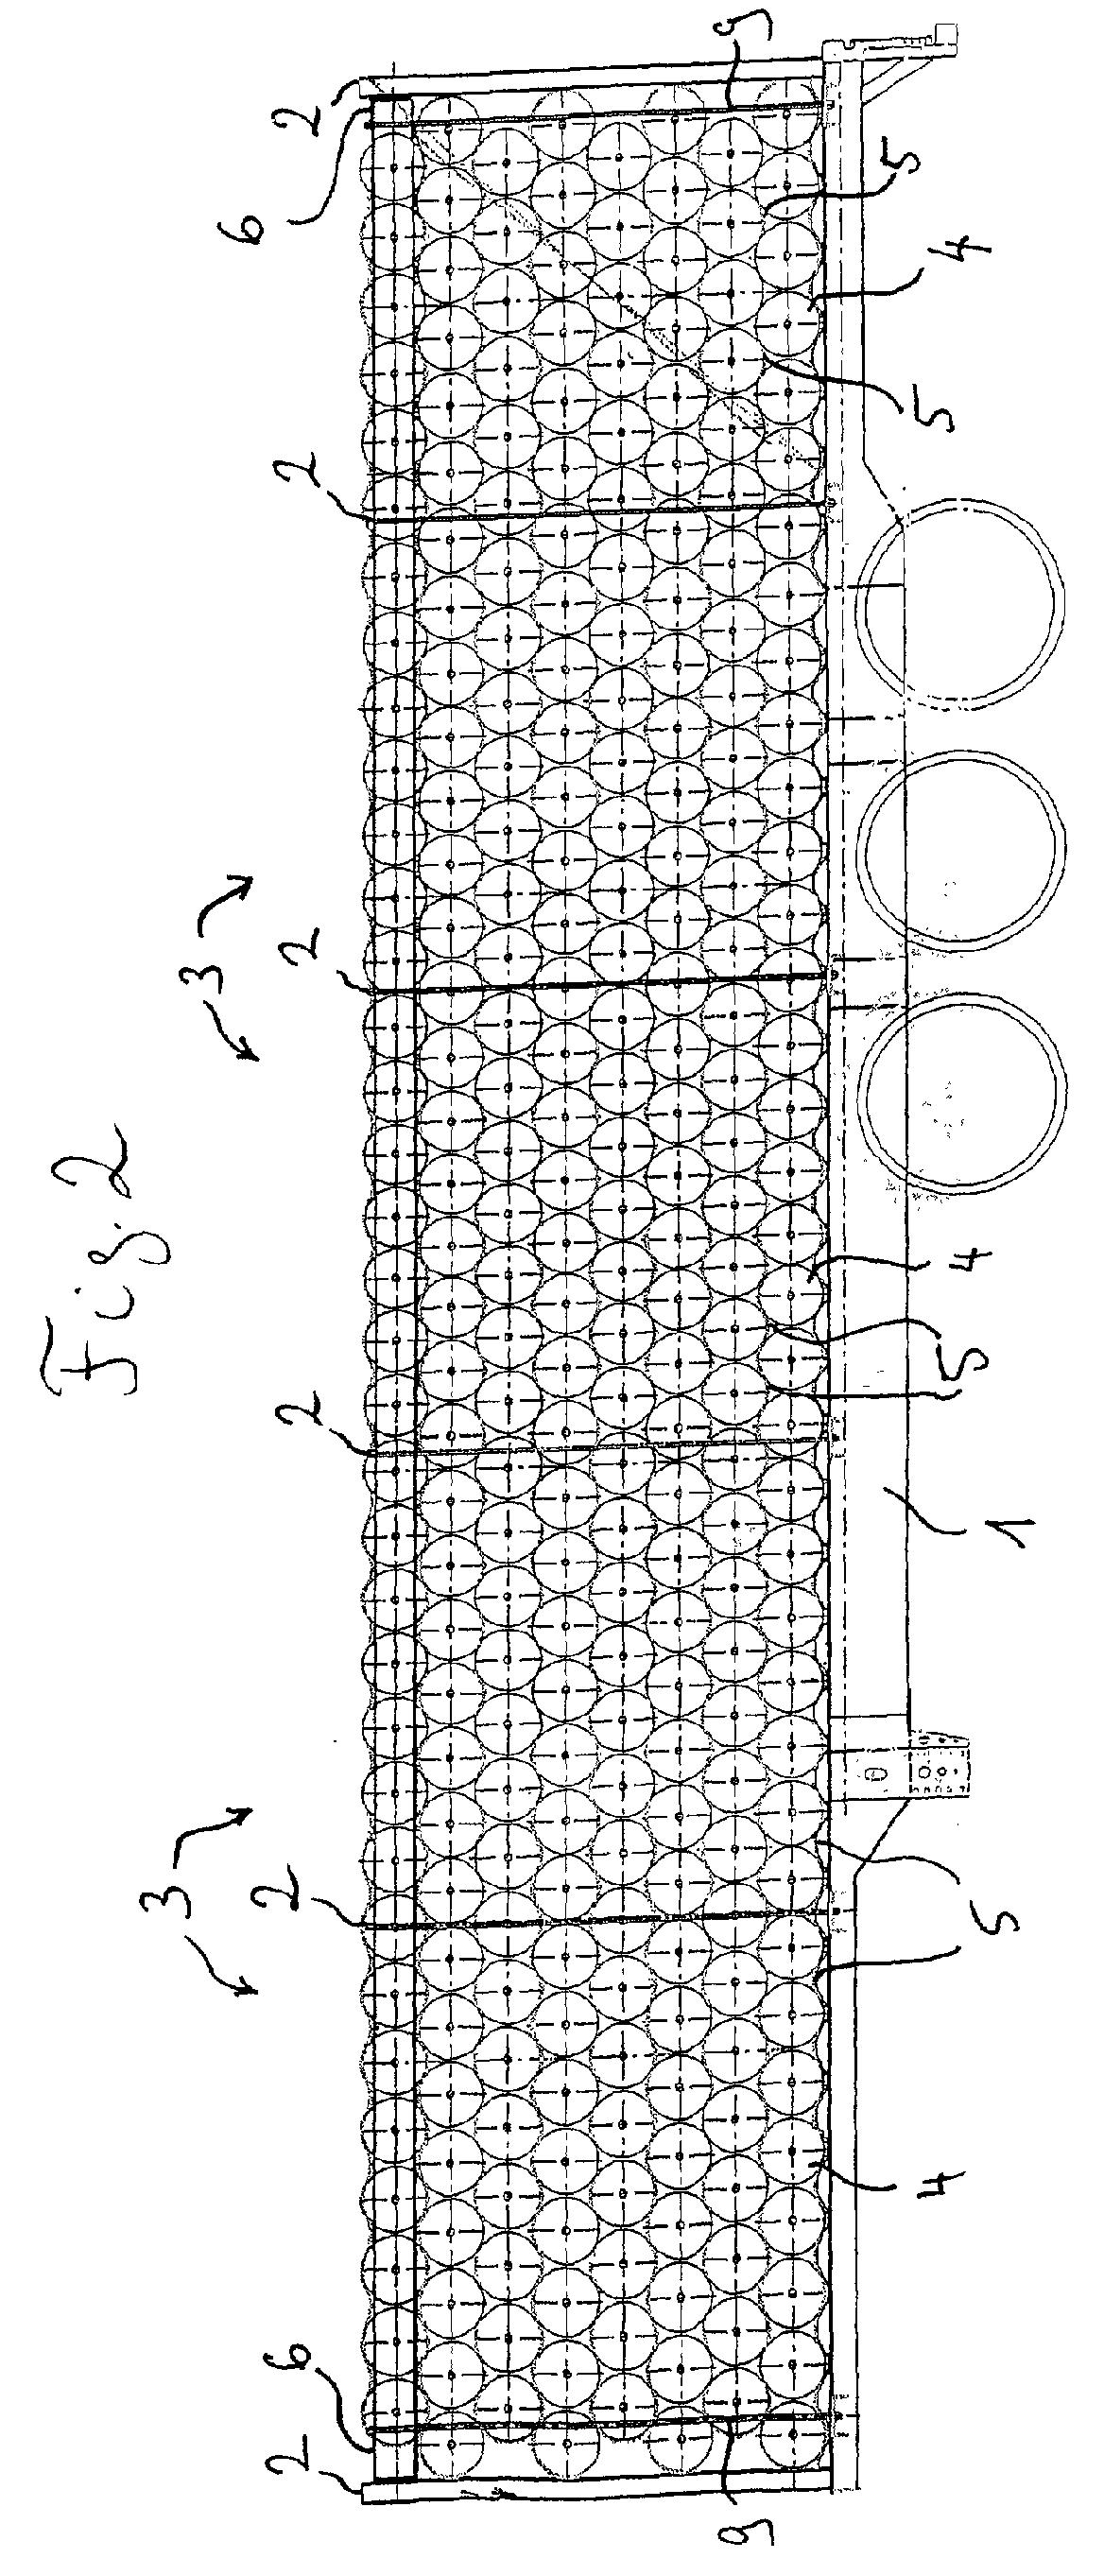 patent ep1186470a2 anh nger zum transport von gasflaschen mit hohem betriebsdruck google patents. Black Bedroom Furniture Sets. Home Design Ideas